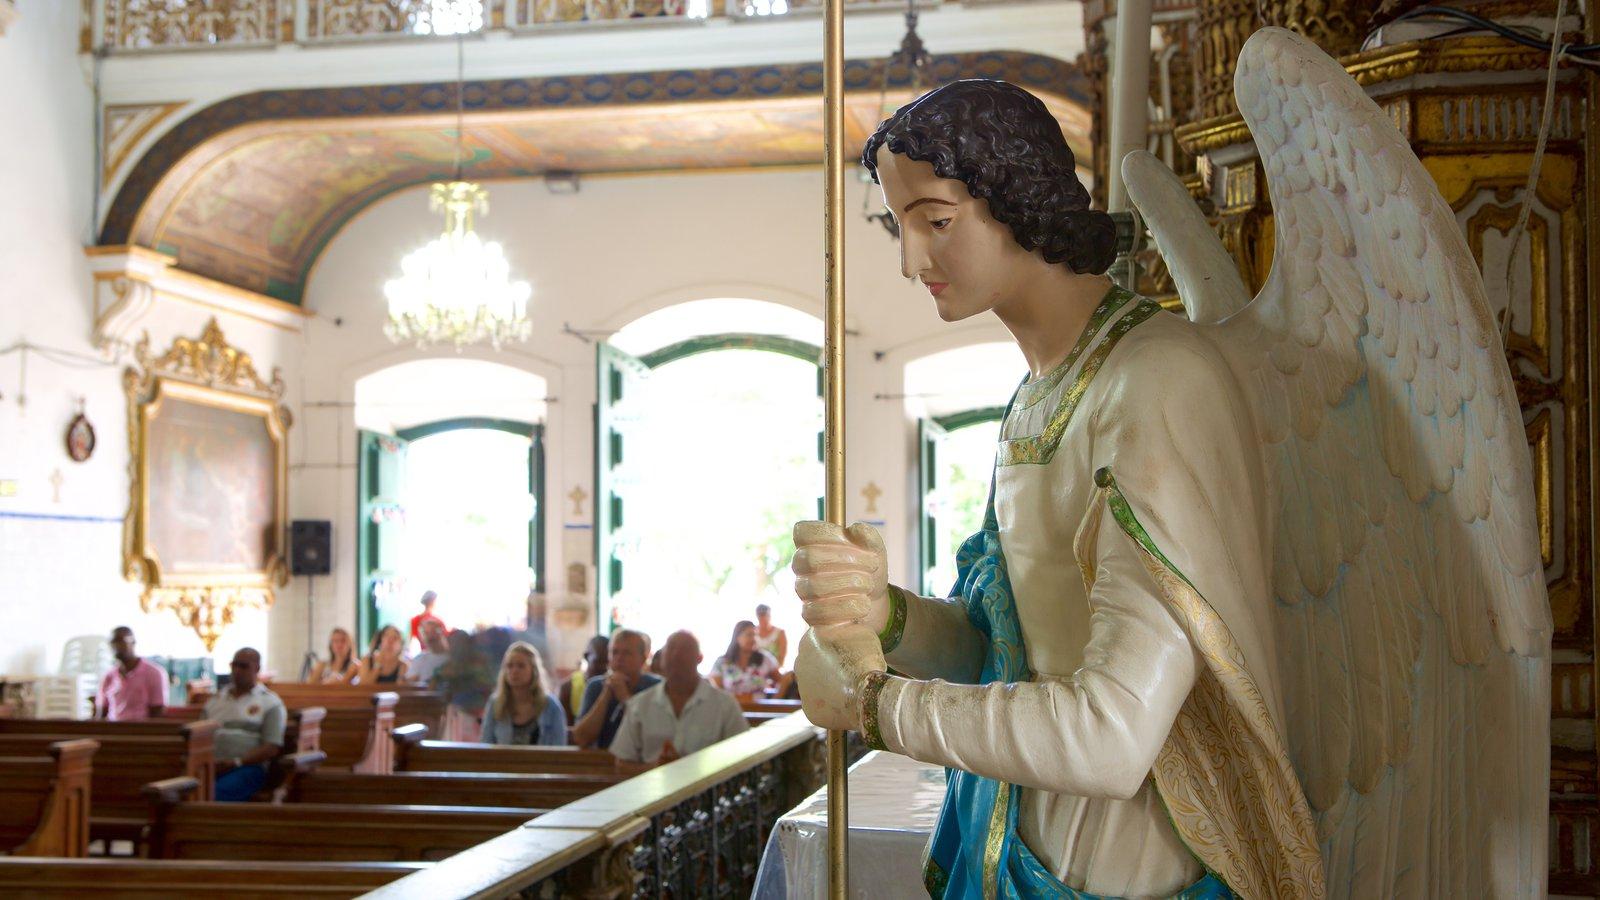 Igreja do Nosso Senhor do Bonfim caracterizando uma estátua ou escultura, vistas internas e aspectos religiosos